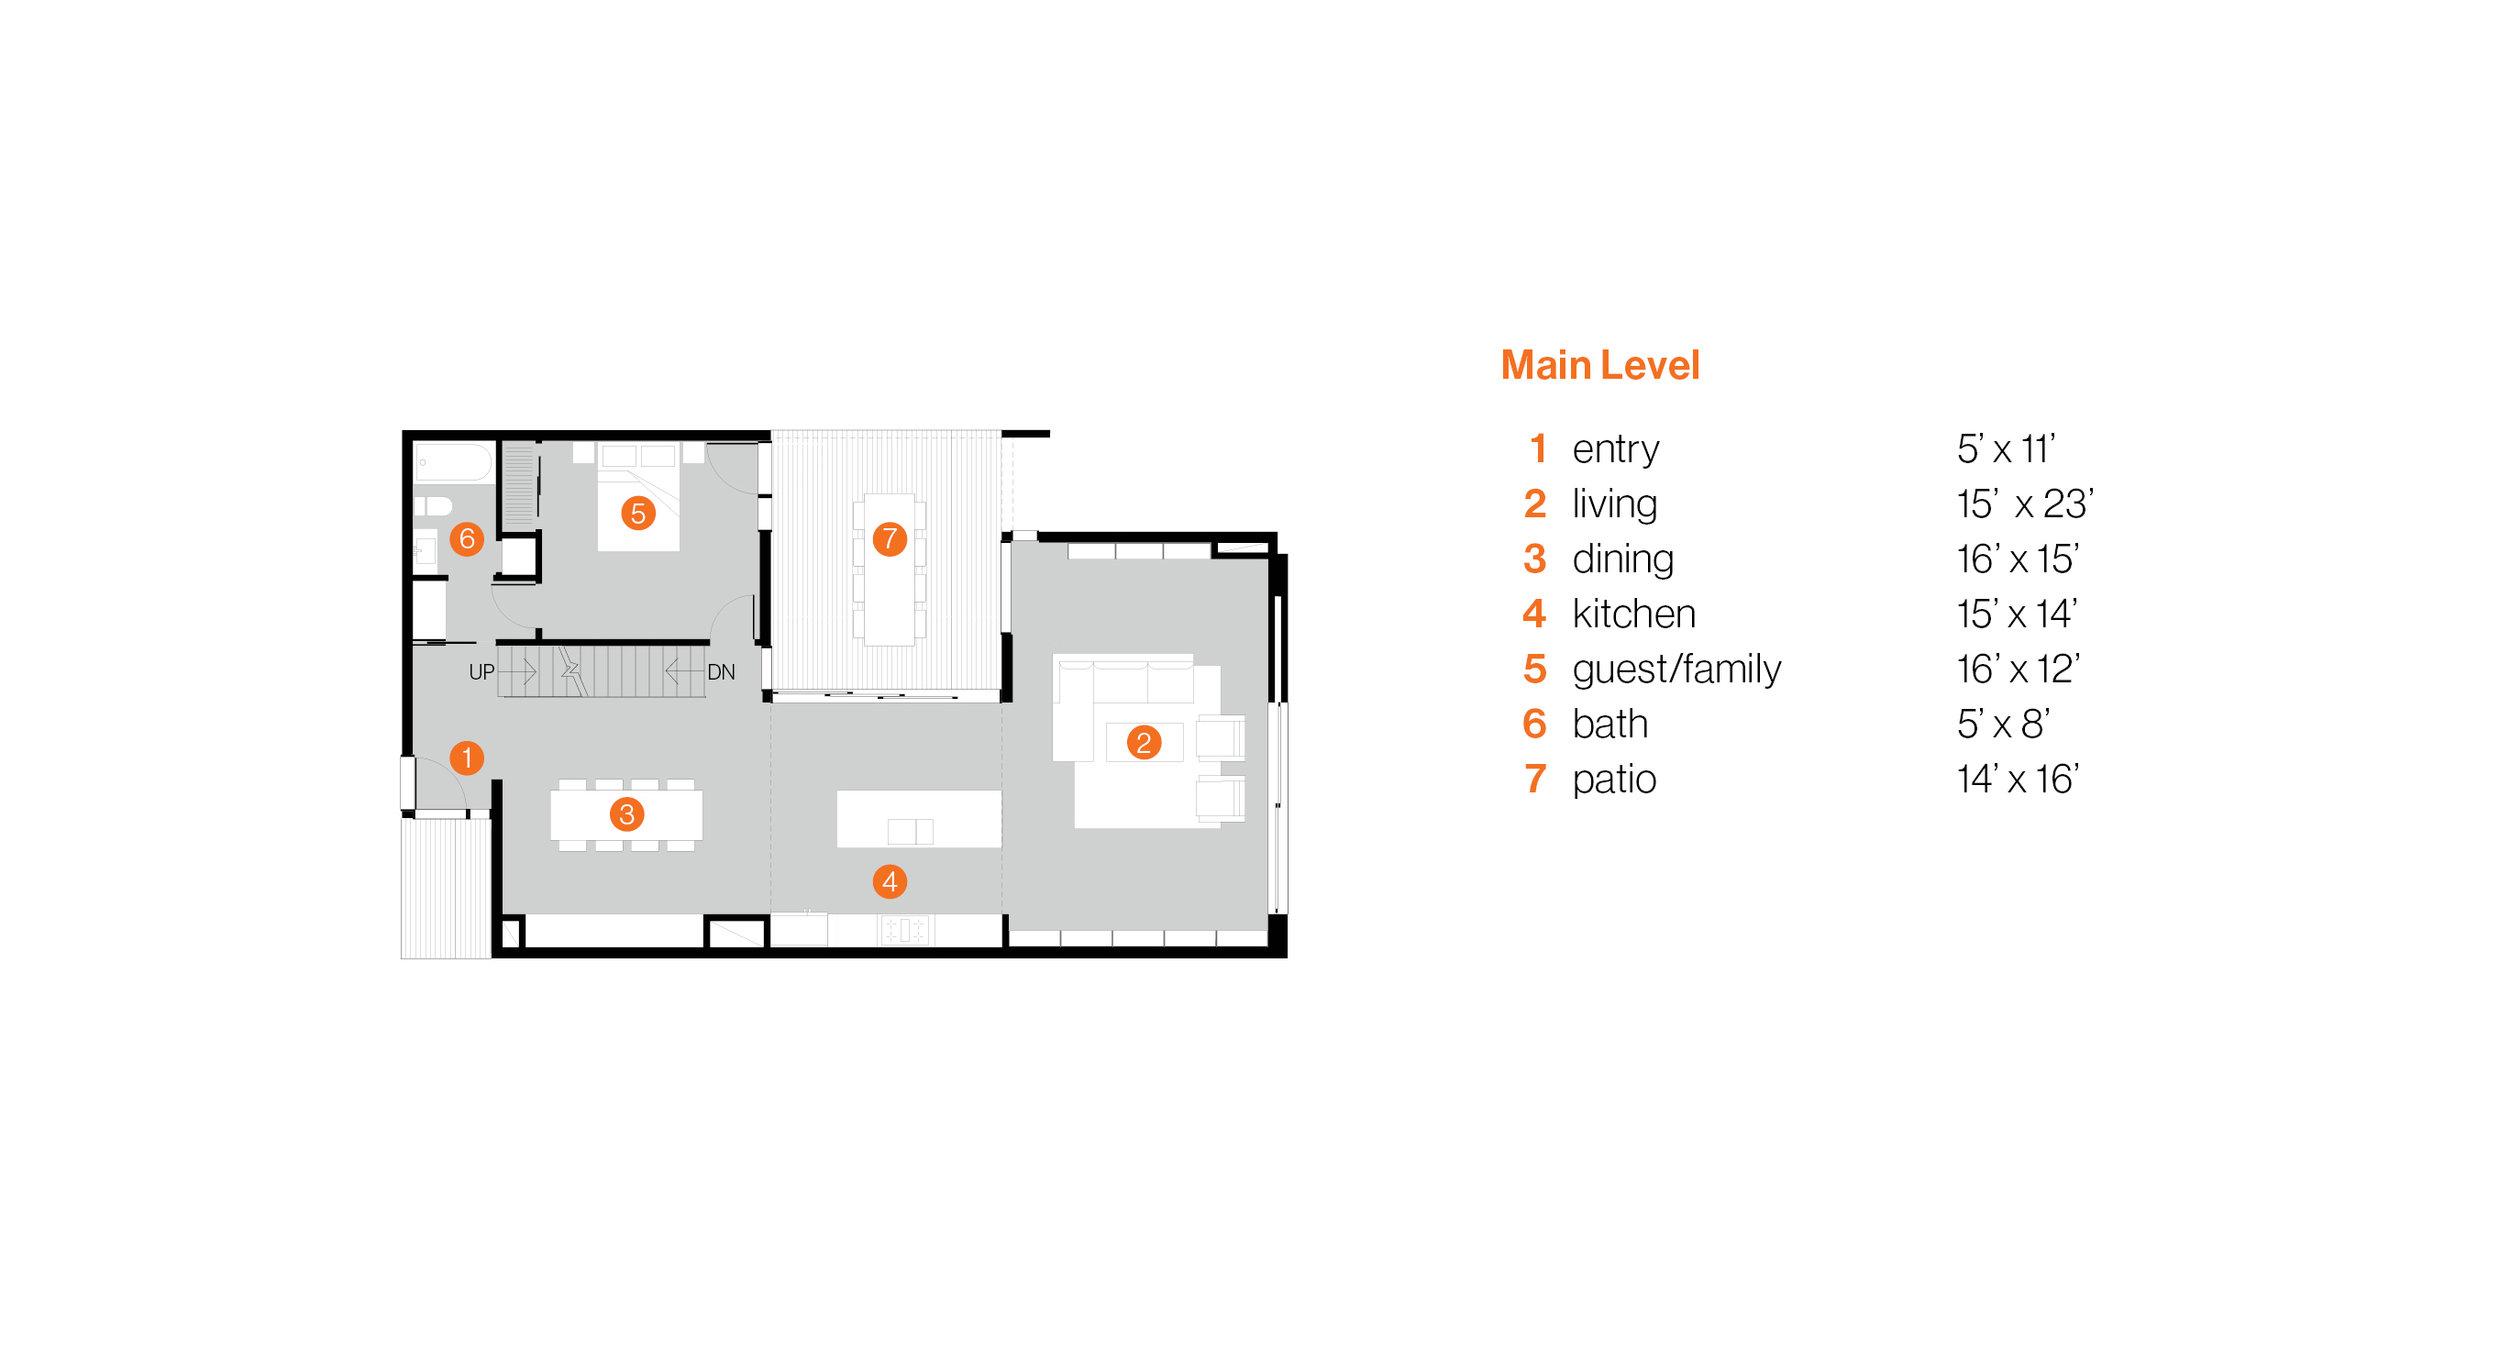 turkel_design_modern_prefab_home_axiom_series_axiom2610_plan_main..jpg